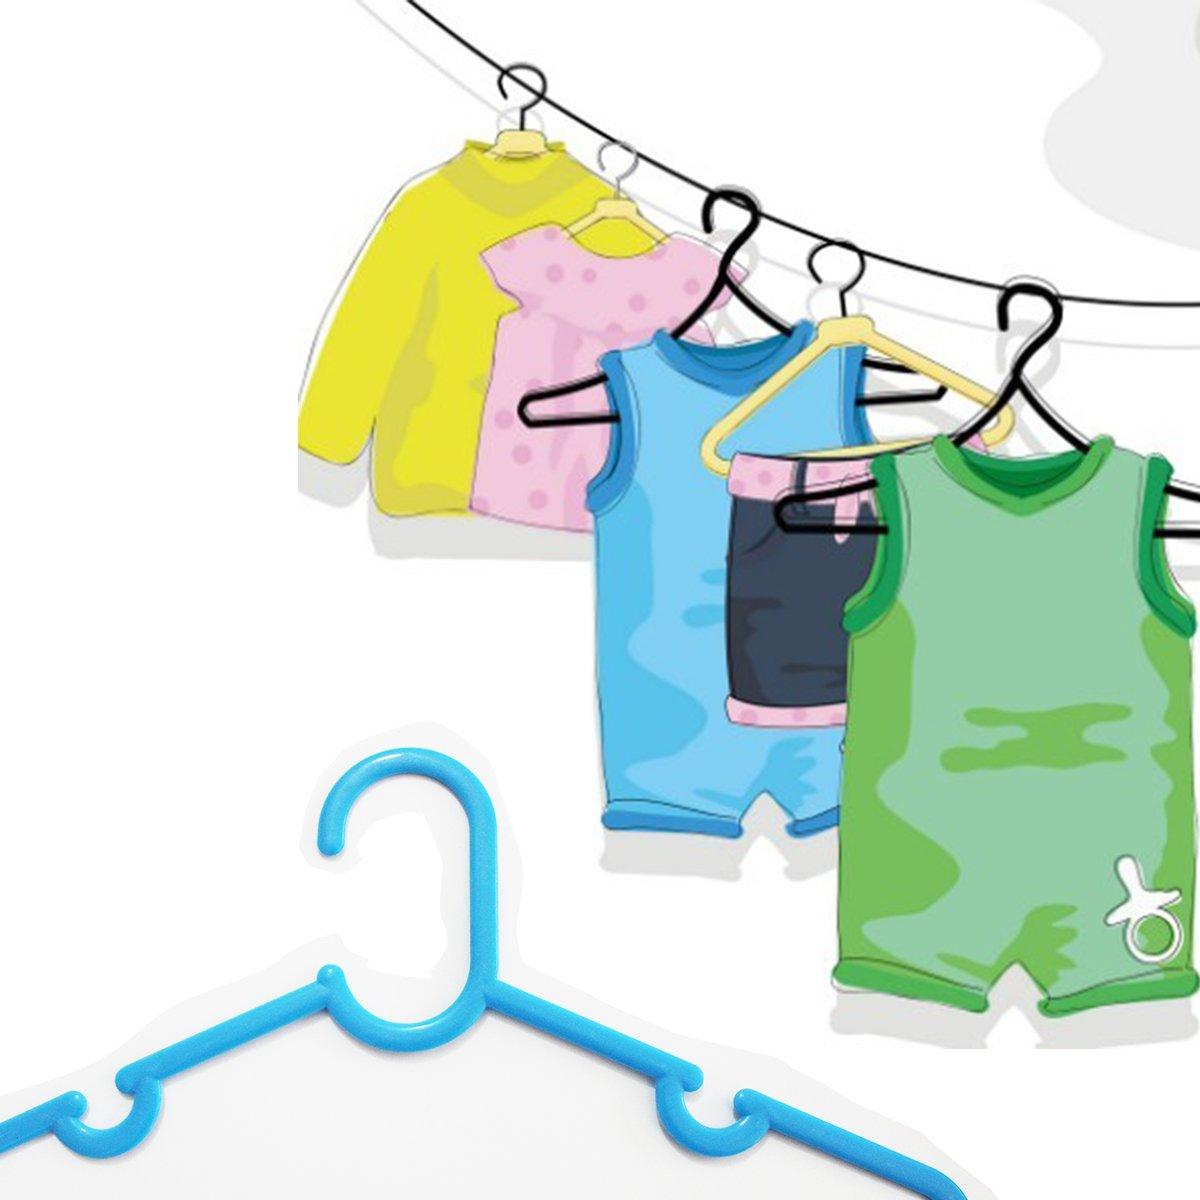 Juego de ropa de beb/é plegada con juego de colgadores de color azul y de color con juego de colgadores de el boli viene con un juego de ganchos para 10 brillantes de